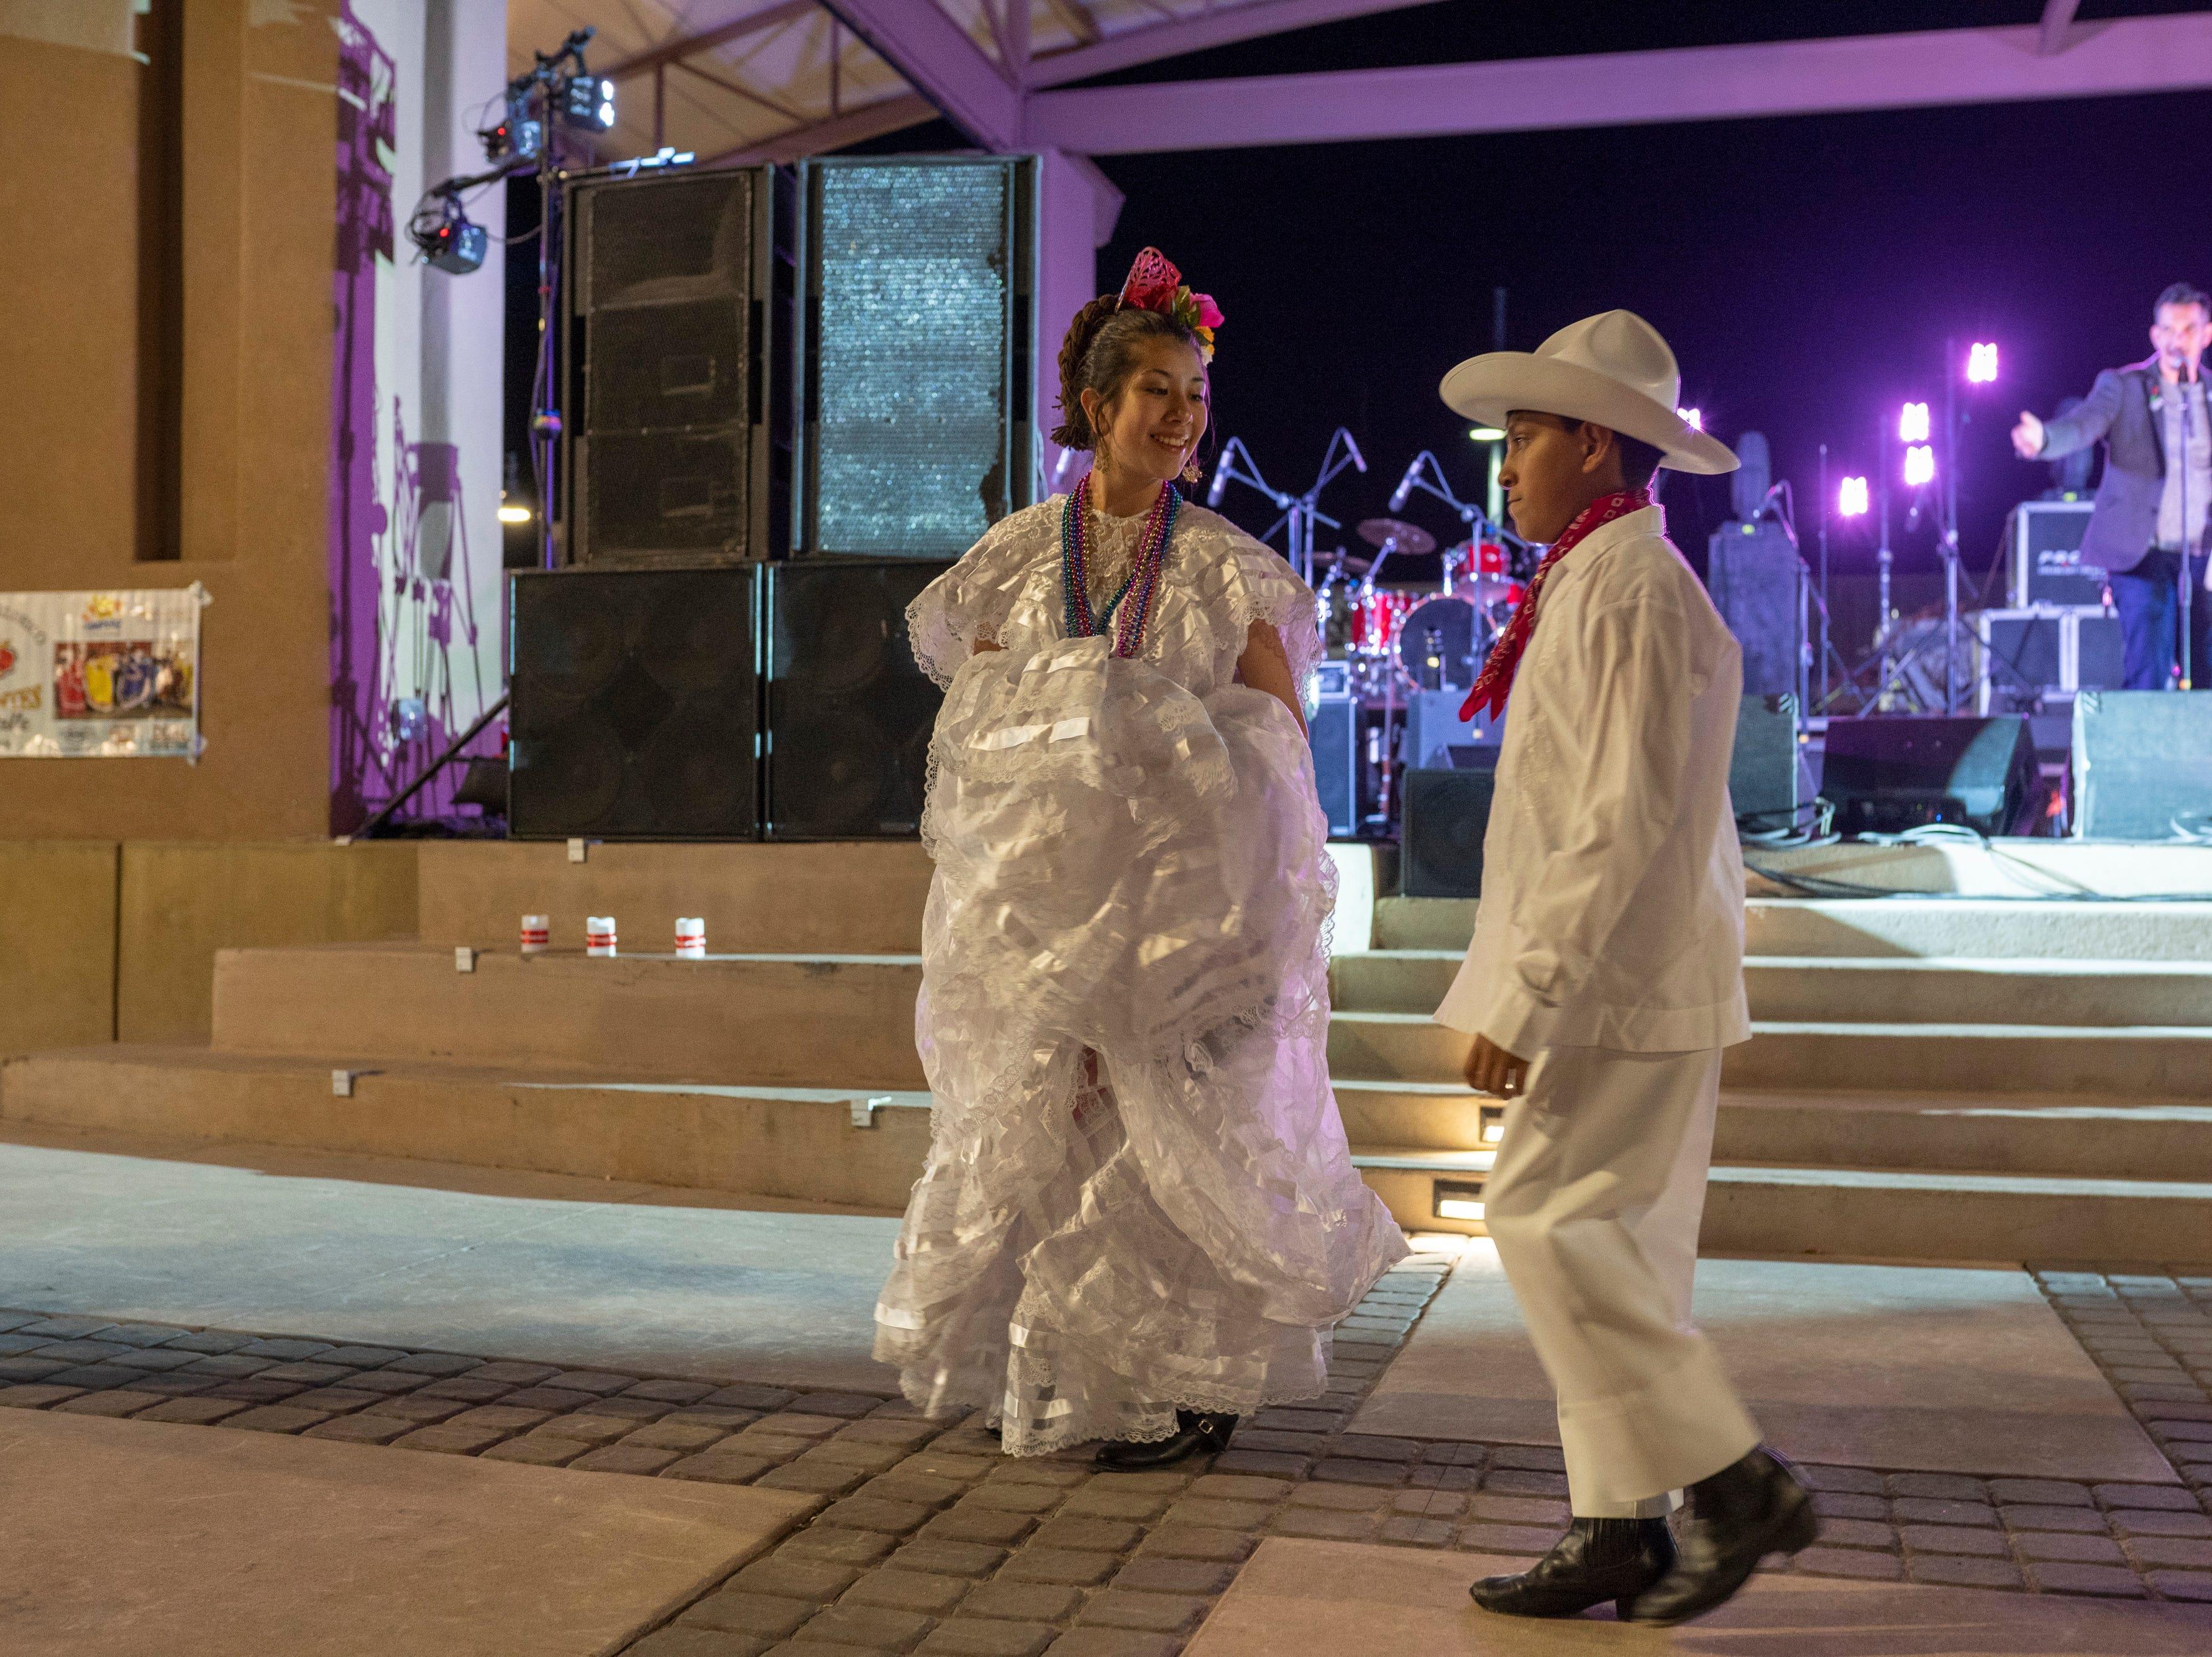 Ballet Folklorico Diamante del Valle perform during Noche de Nachos Saturday Nov. 10, 2018, in downtown Las Cruces.